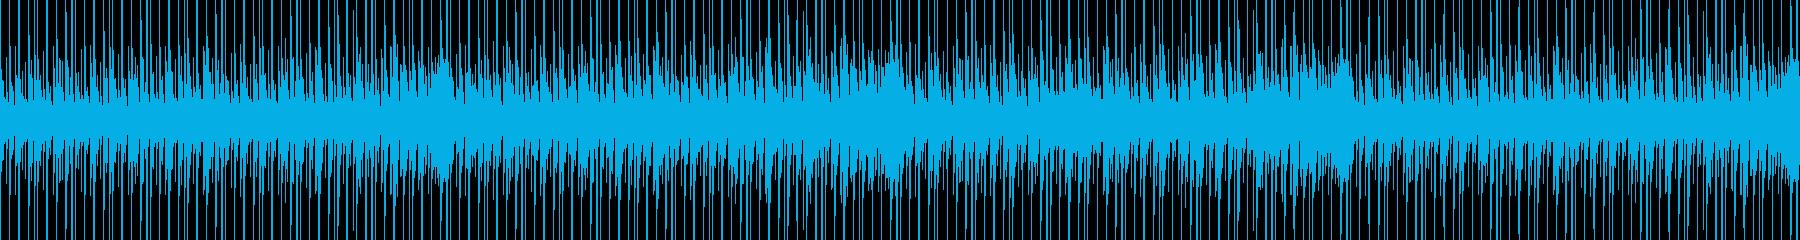 ジャジーブルース、60年代の風味、...の再生済みの波形